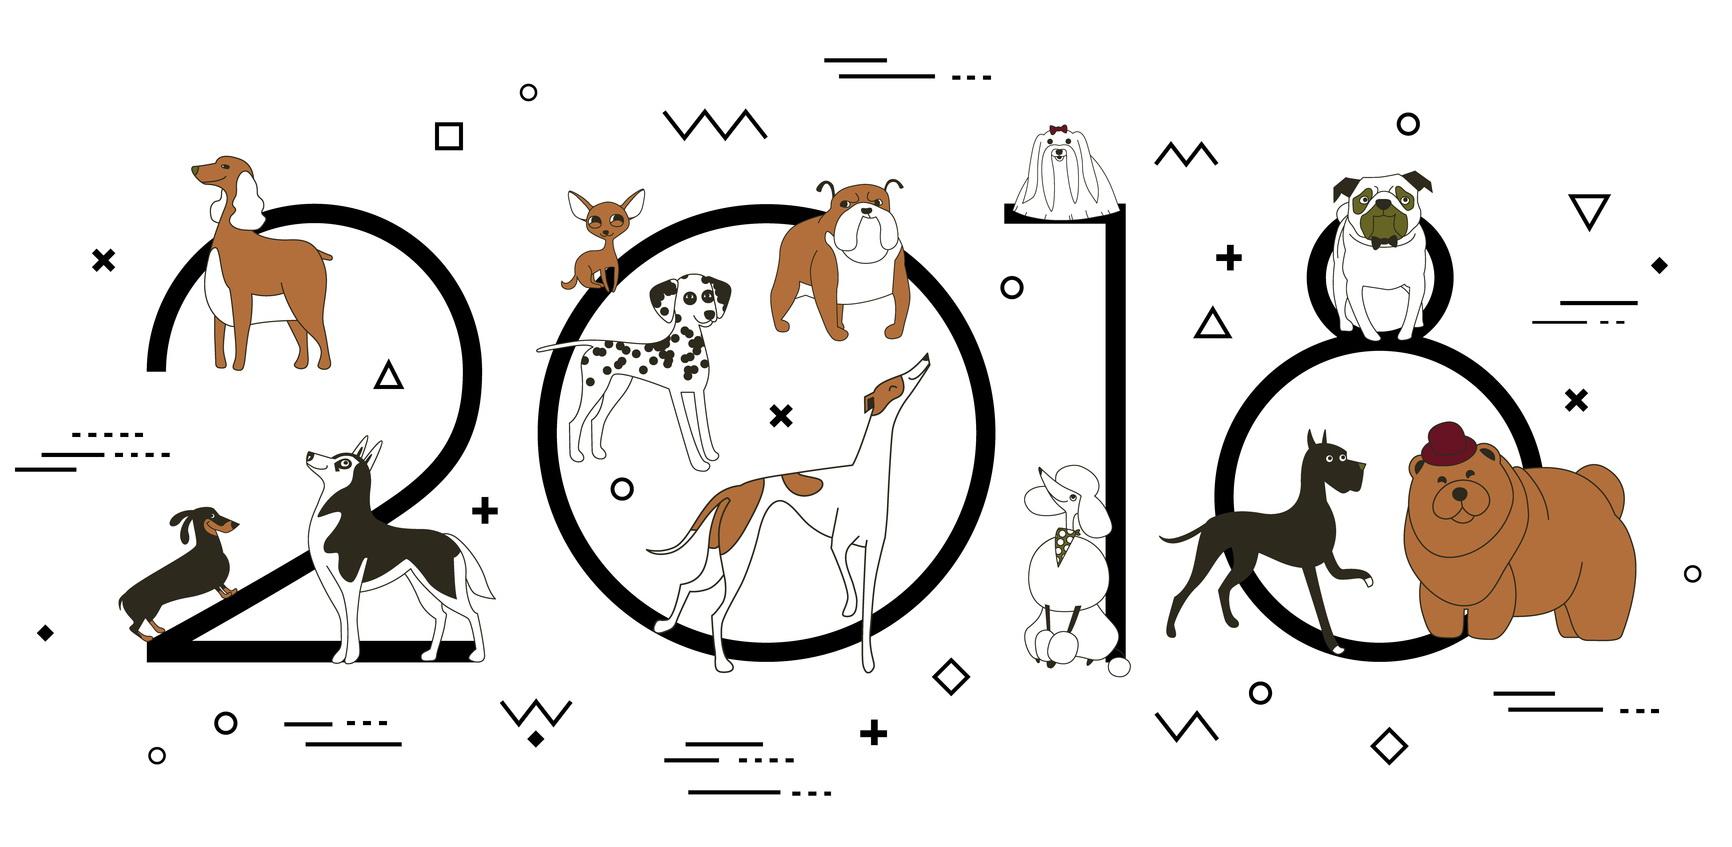 2018 год - год собаки по китайскому календарю